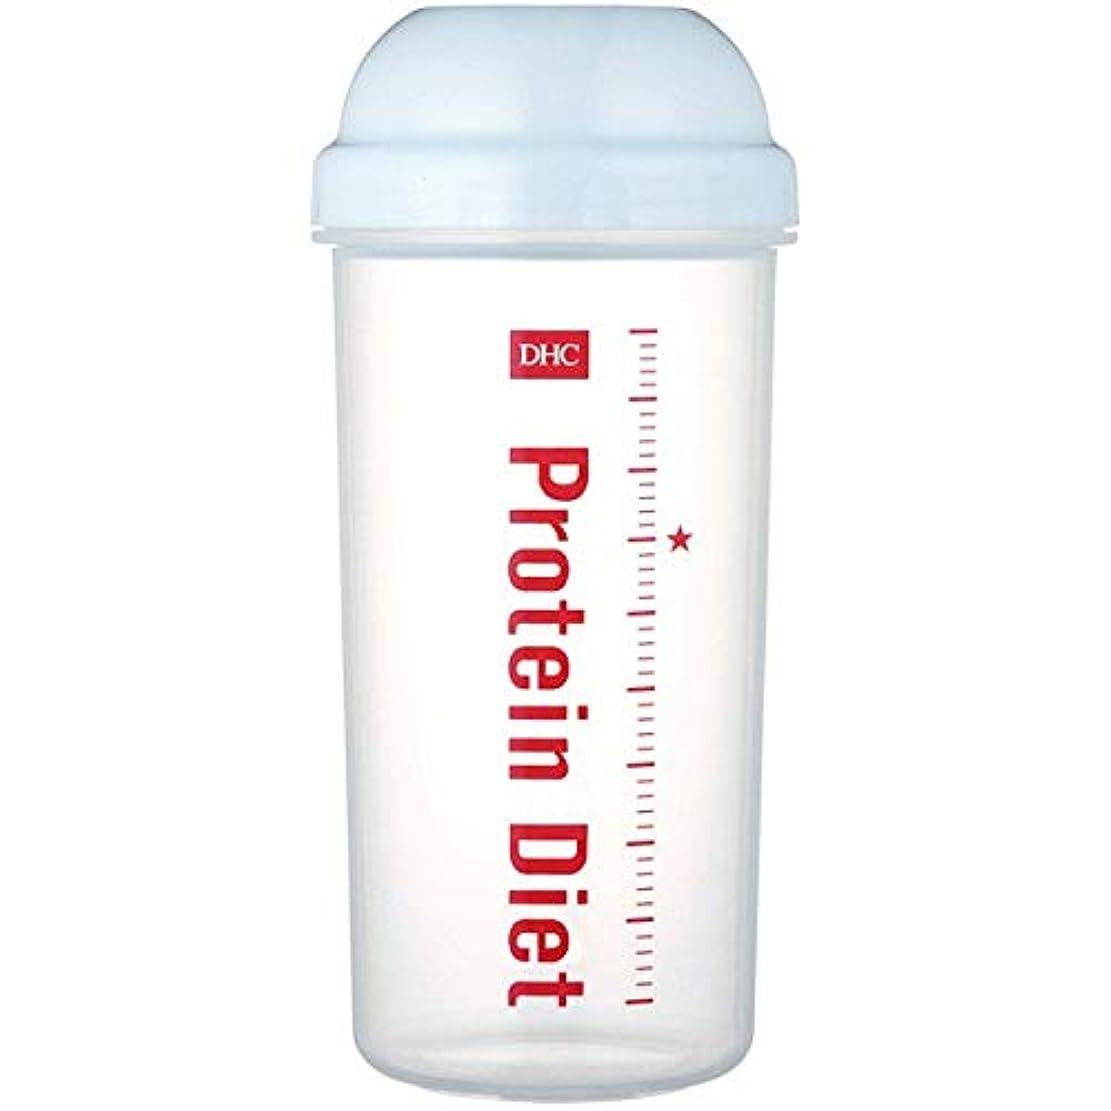 仕出しますフォーカス奨励しますDHCプロティンダイエット専用シェーカープロテインダイエット